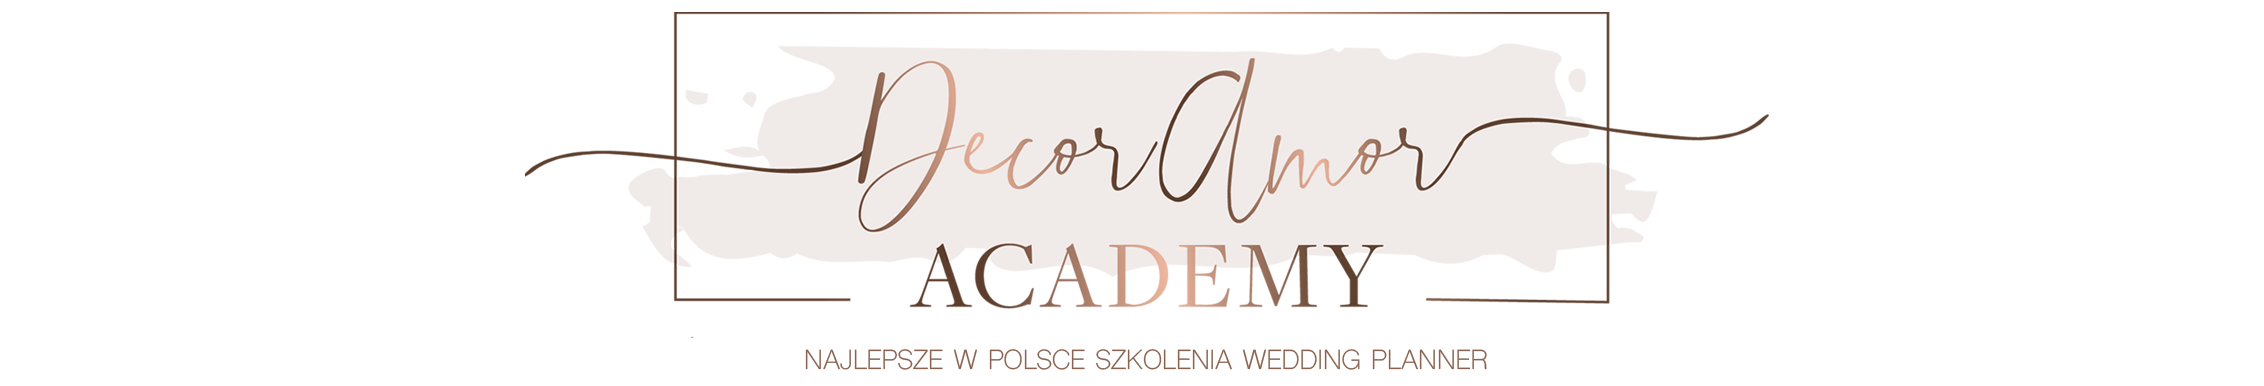 DecorAmor Academy – Szkolenia i Kursy Wedding Planner